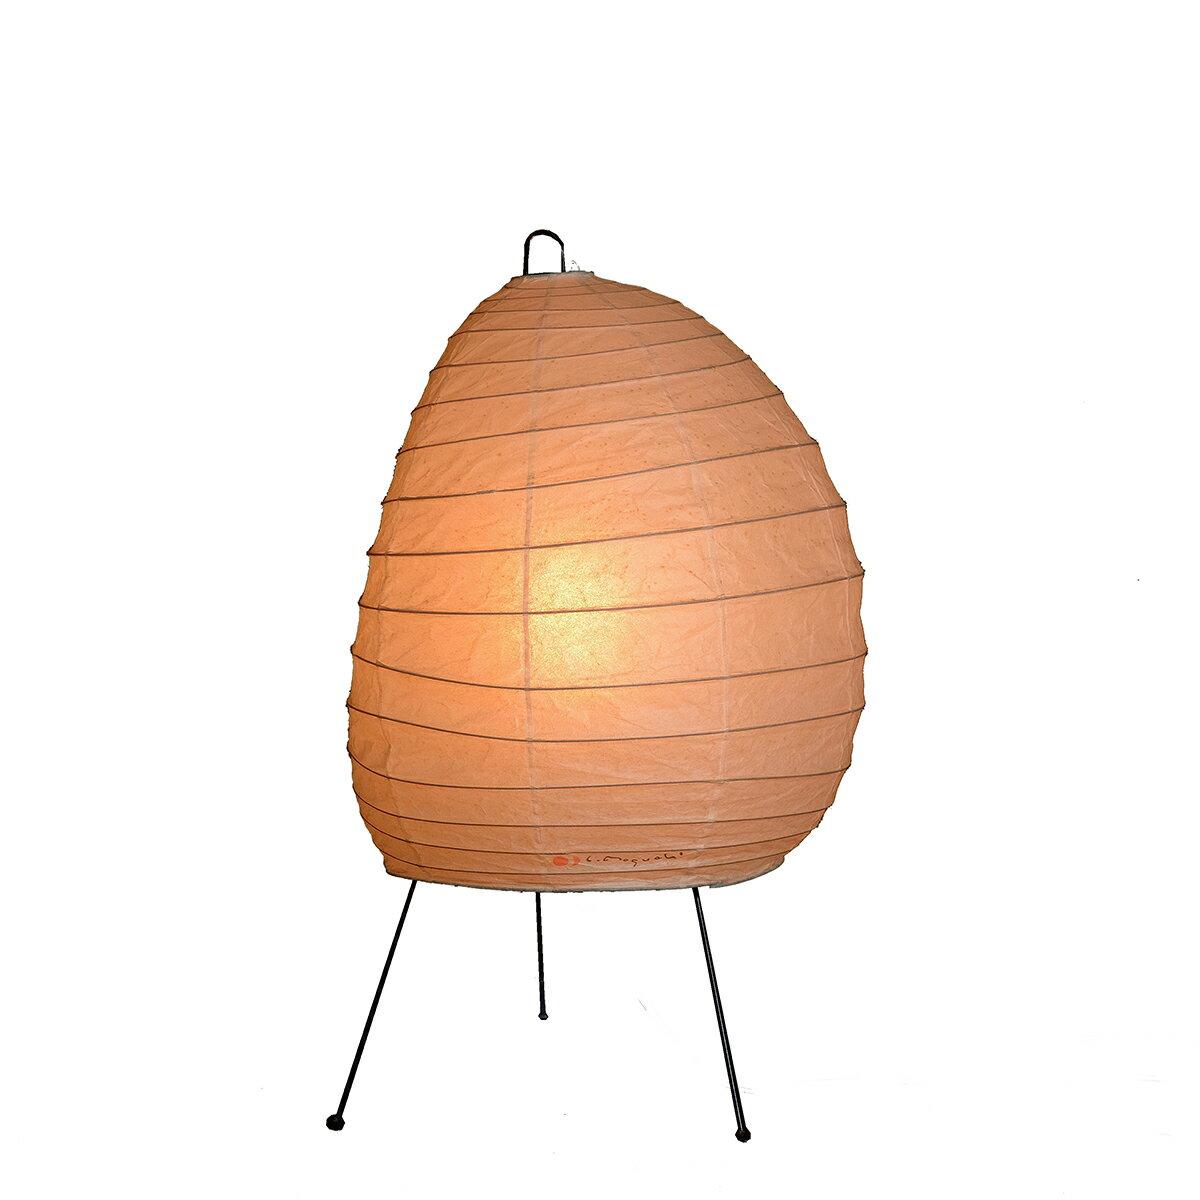 イサムノグチ AKARI あかり アカリ ISAMU NOGUCHI 和紙照明 スタンドライト 1N / スタンドタイプ ※40W形相当 LED電球付(テーブルライト テーブルスタンド テーブルランプ 照明器具)